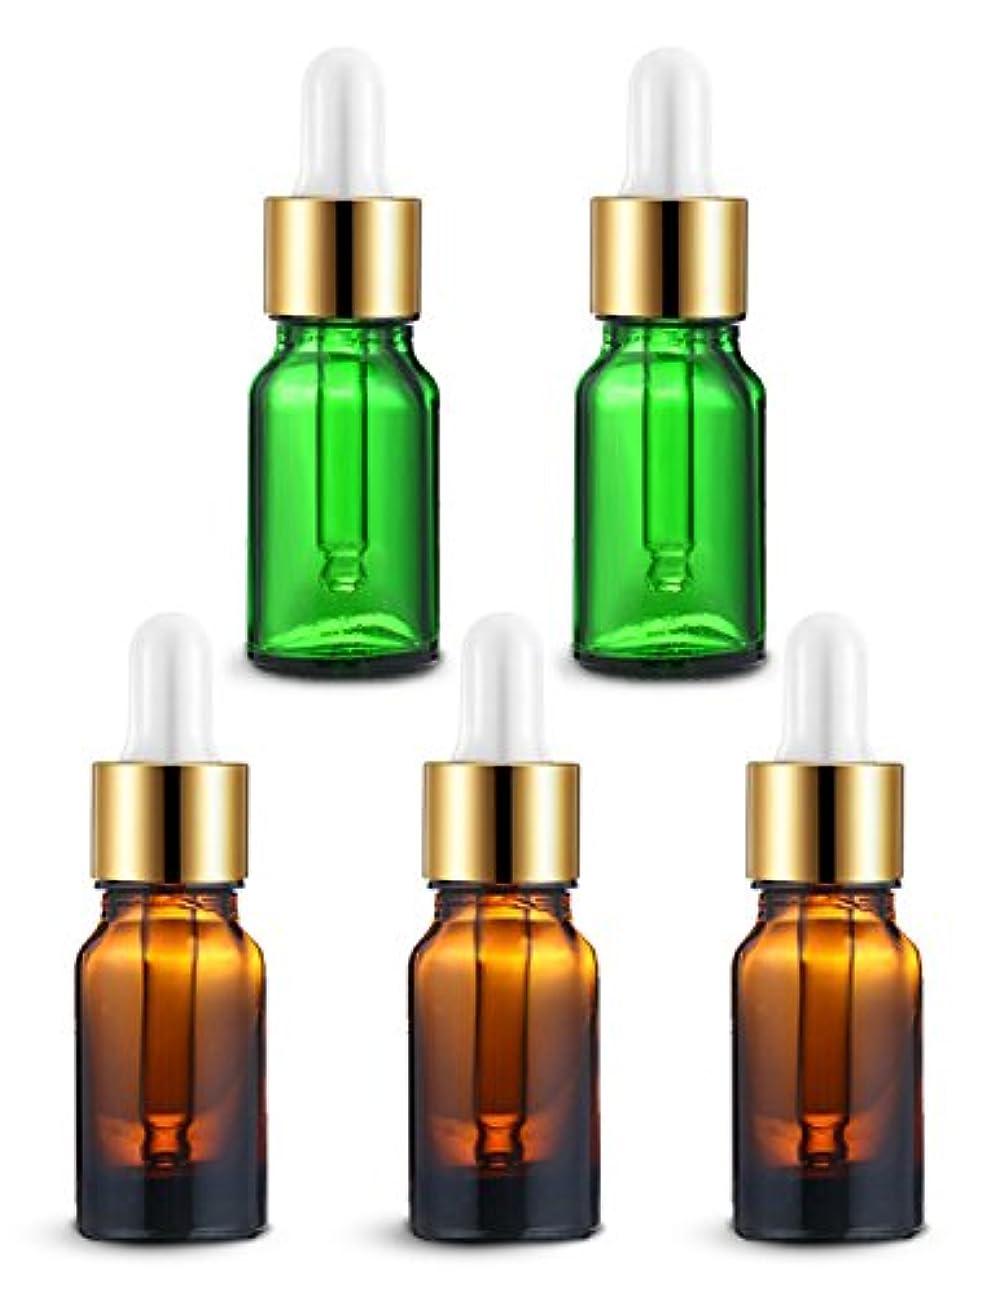 ENERG アロマディフューザー(全機種適応) ネブライザー式 スポイト付き精油瓶 緑2個?ブラウン3個 アロマ瓶 10ml 5個セット